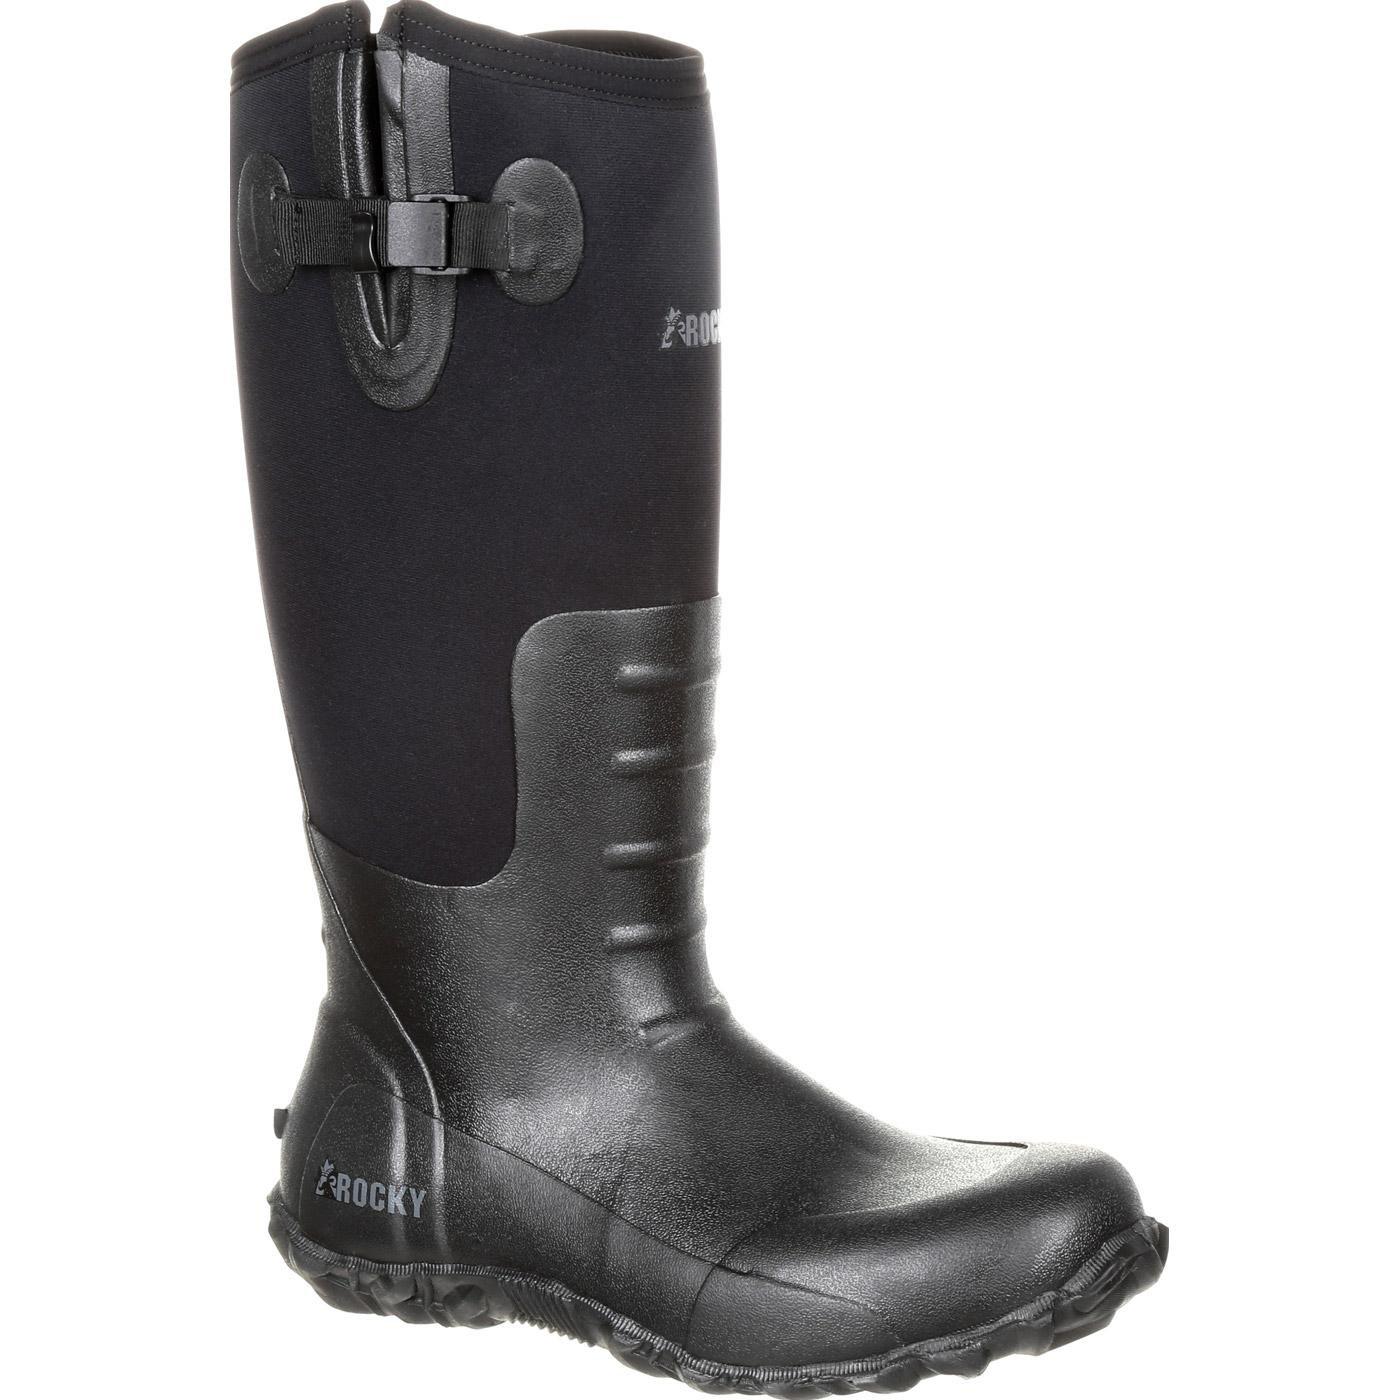 ROCKY Men's Core Black Rubber Waterproof Outdoor Boot Knee High, Mossy Oak Break Up Country, 10 M US